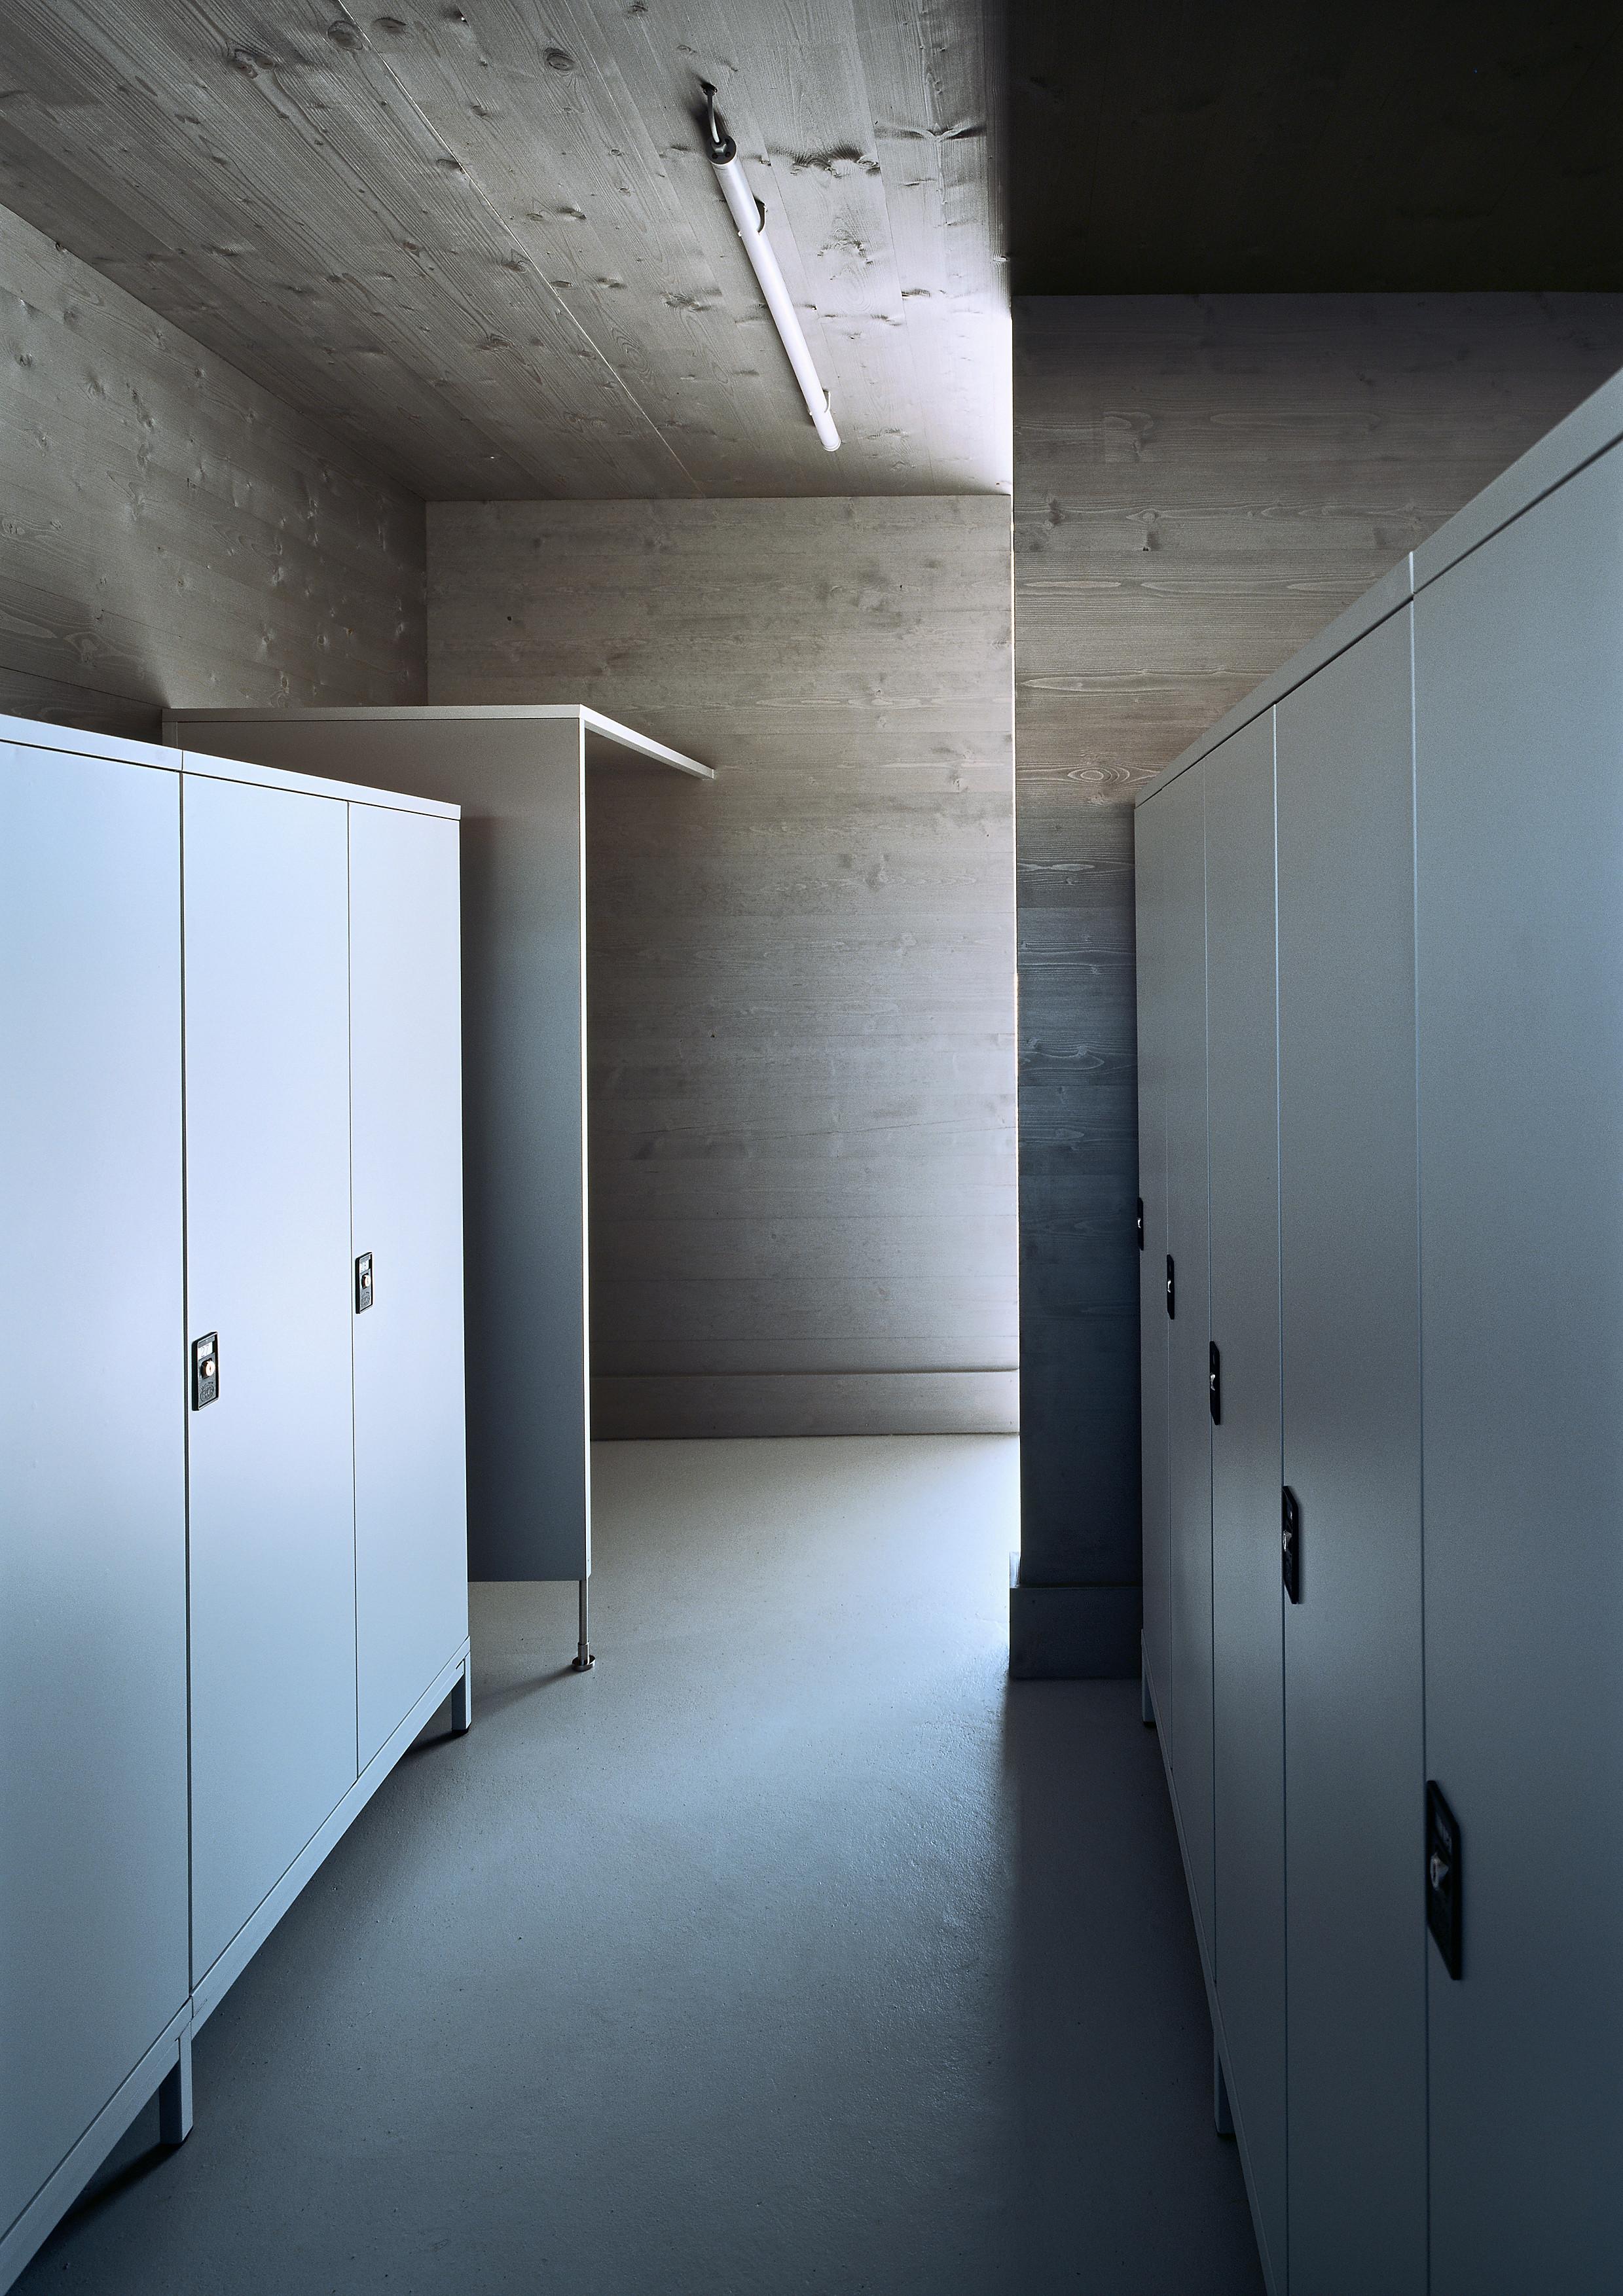 <p>© RUNSER / PRANTL architekten, Weinlandbad, 2130 Mistelbach, Niederösterreich, Österreich, 2009, Freibad, Fotograf Rupert Steiner</p>